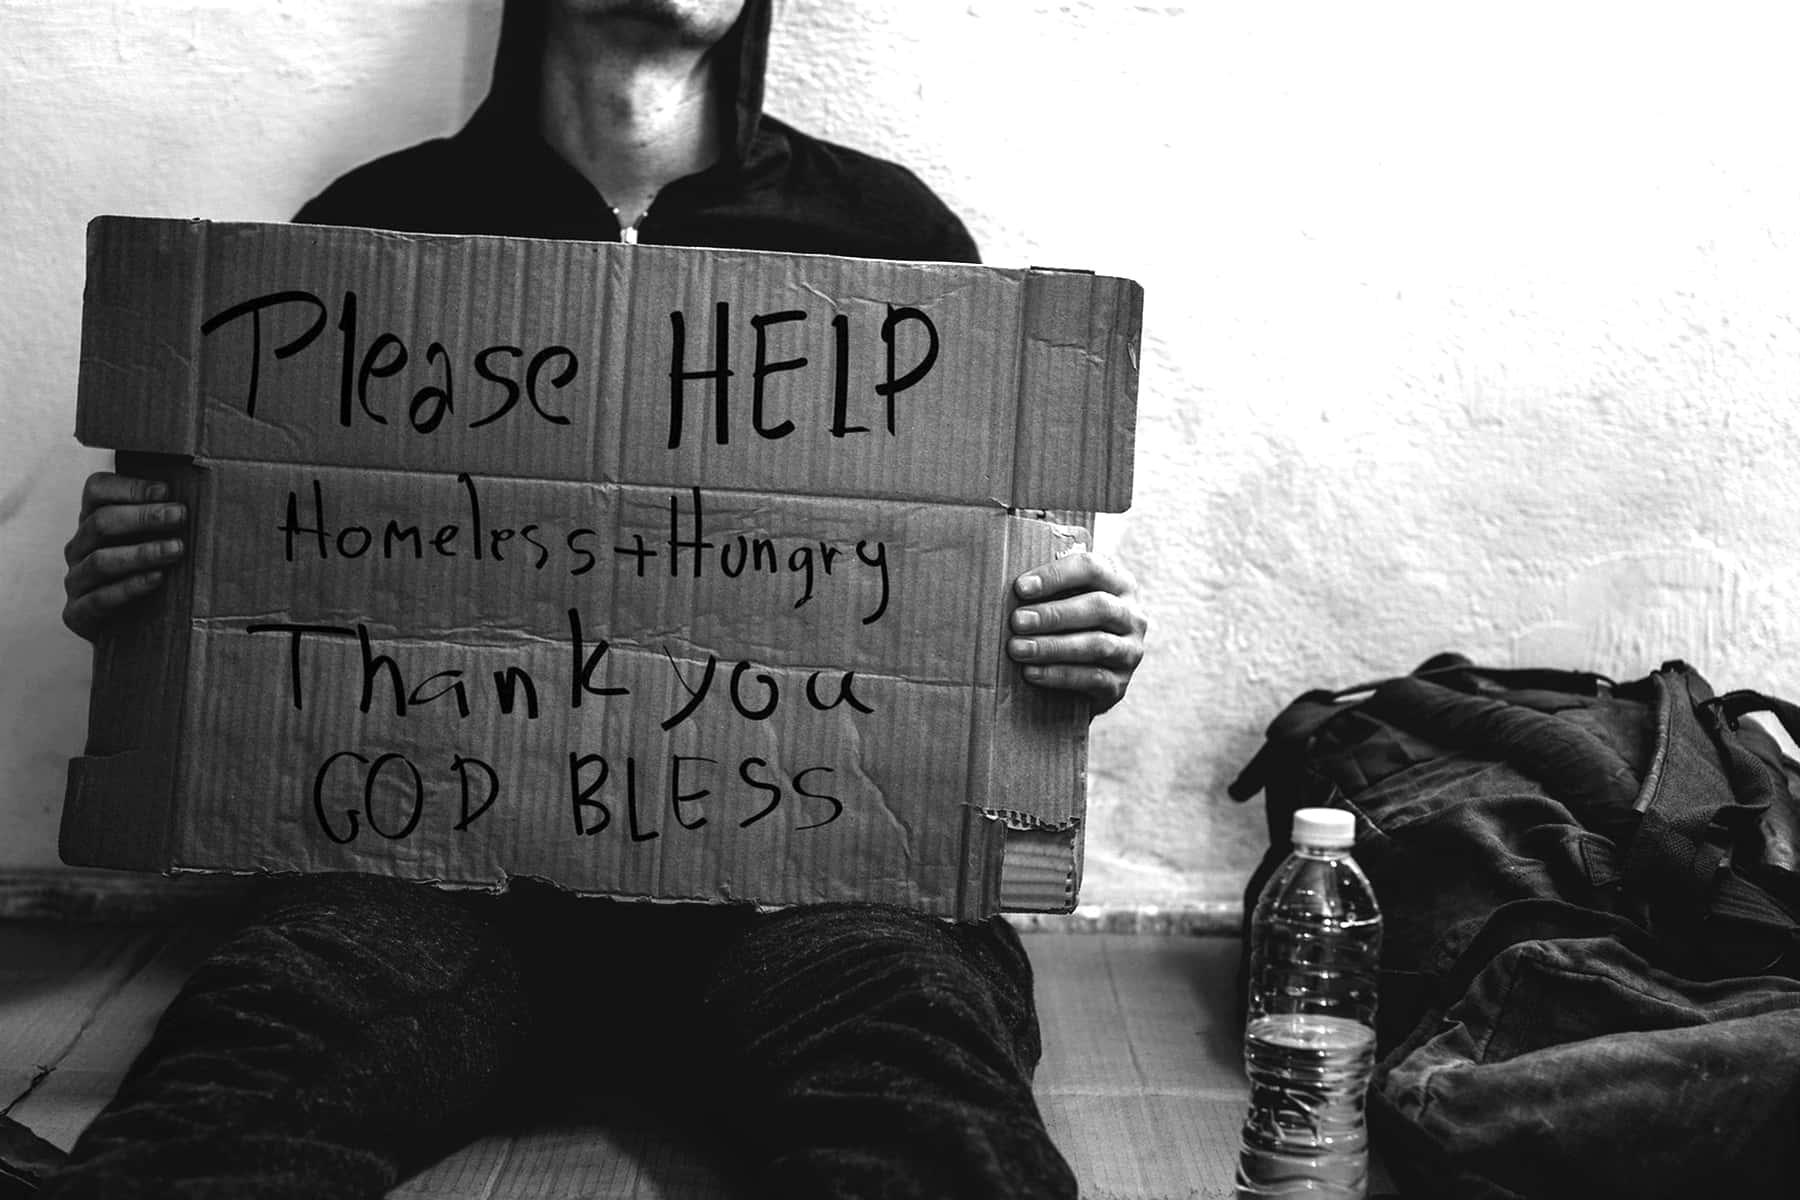 011019_homeless_02